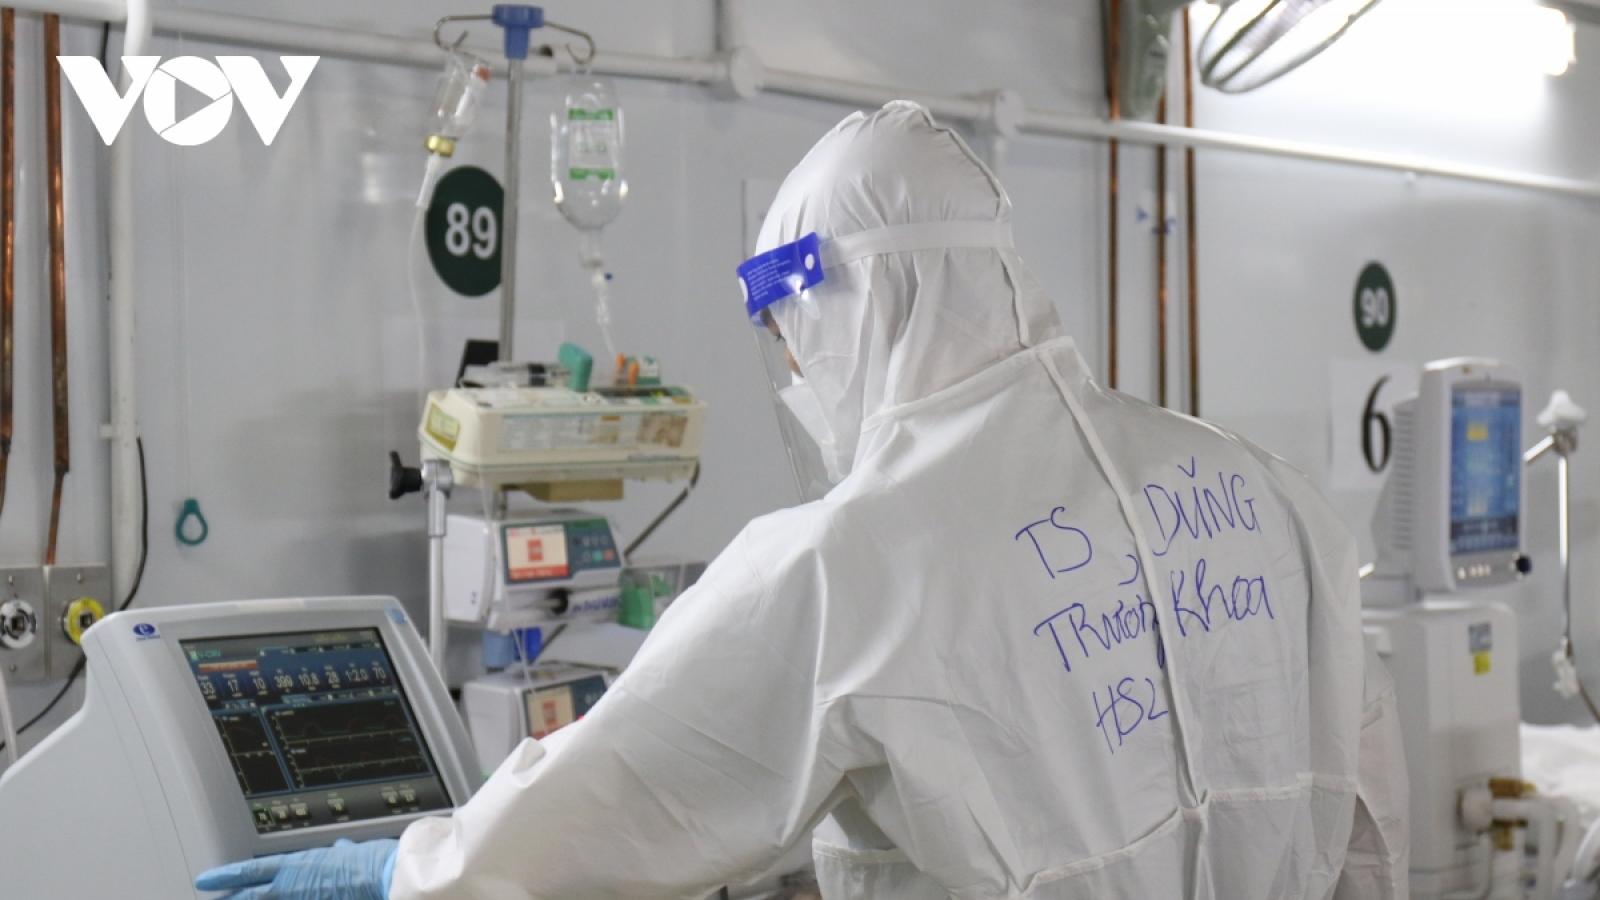 Tín hiệu mừng ở nơi điều trị COVID-19 tại Bệnh viện 115 TP.HCM